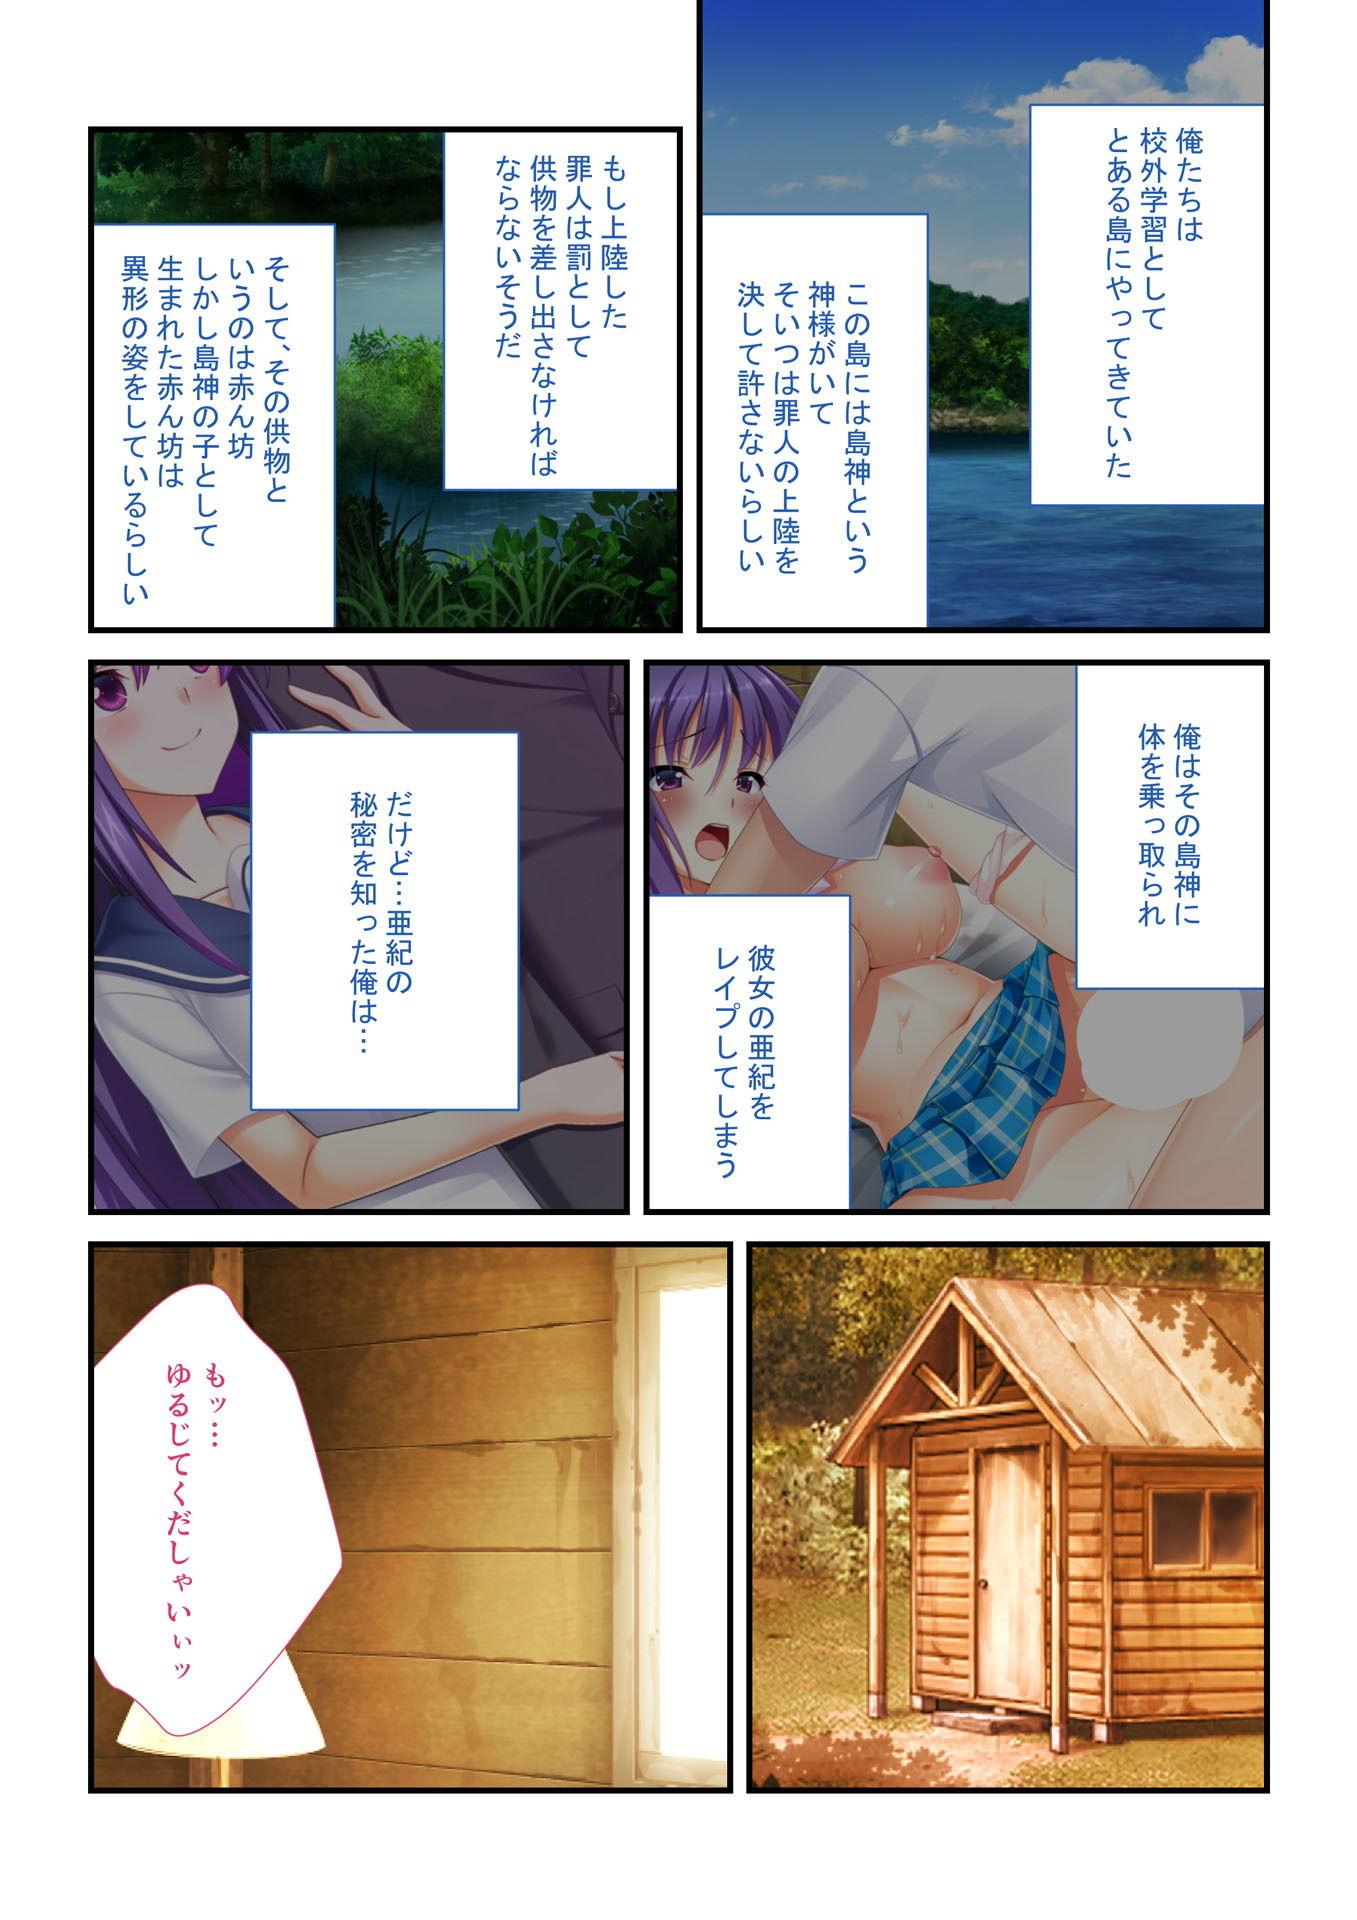 【どろっぷす! 同人】【フルカラー】強制ハメ!孕ませ島抵抗できない女子とハーレムSEX!(2)